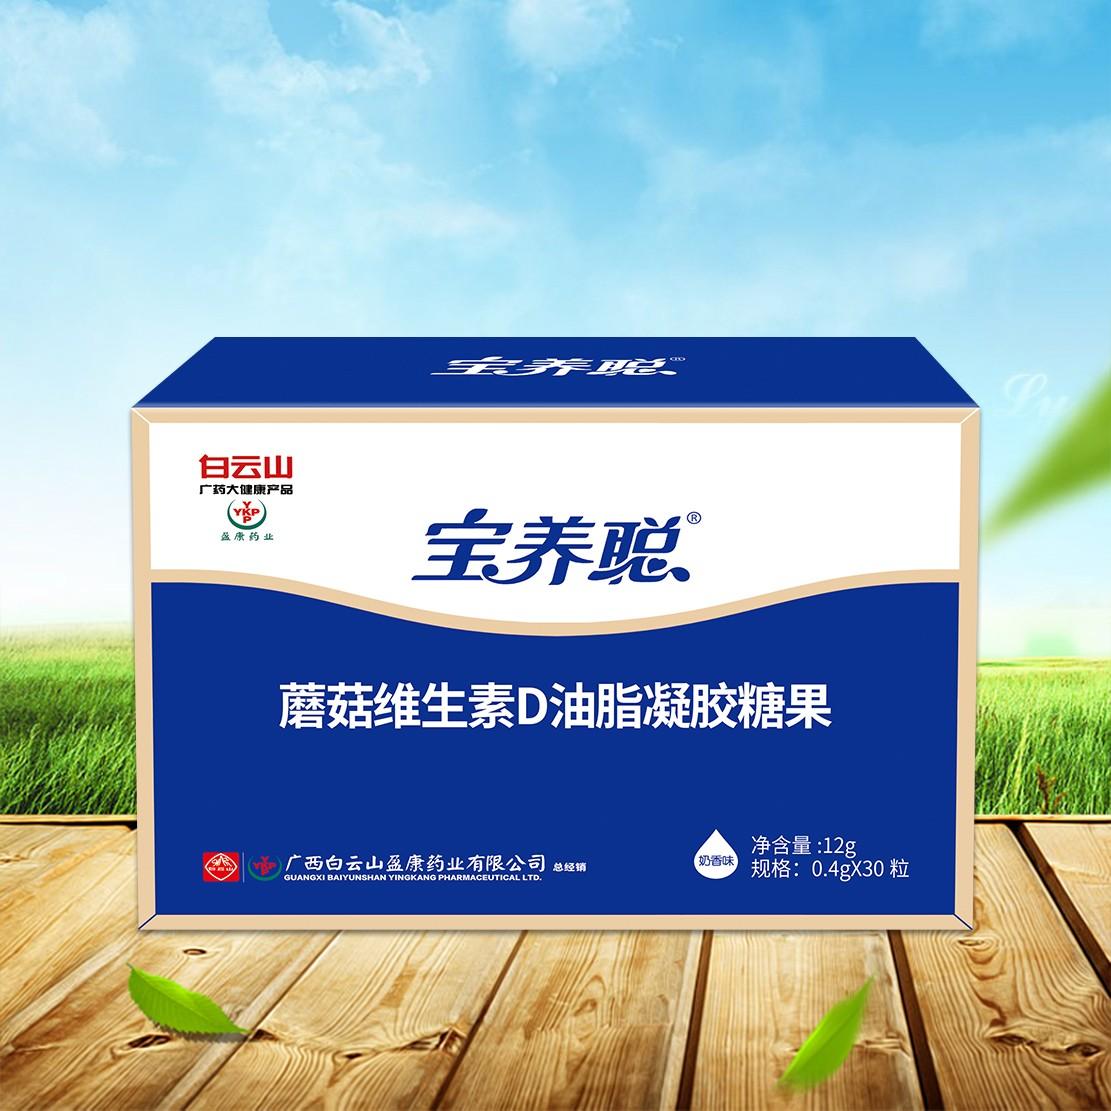 蘑菇维生素D油脂(新品)